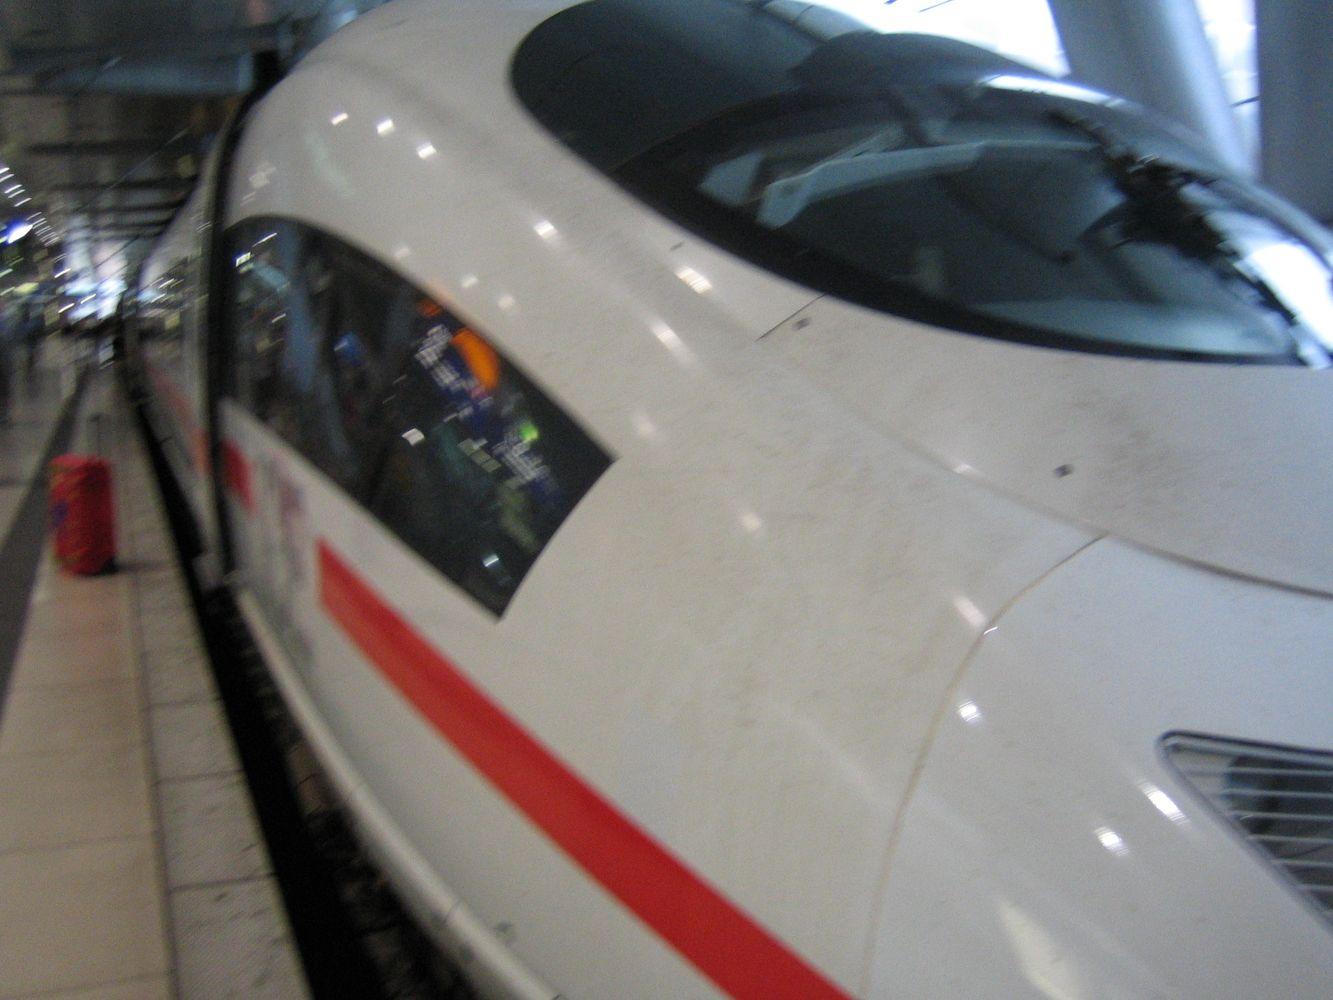 Schnellzug mit 320 km/h (Blitz, Schall, Echo)